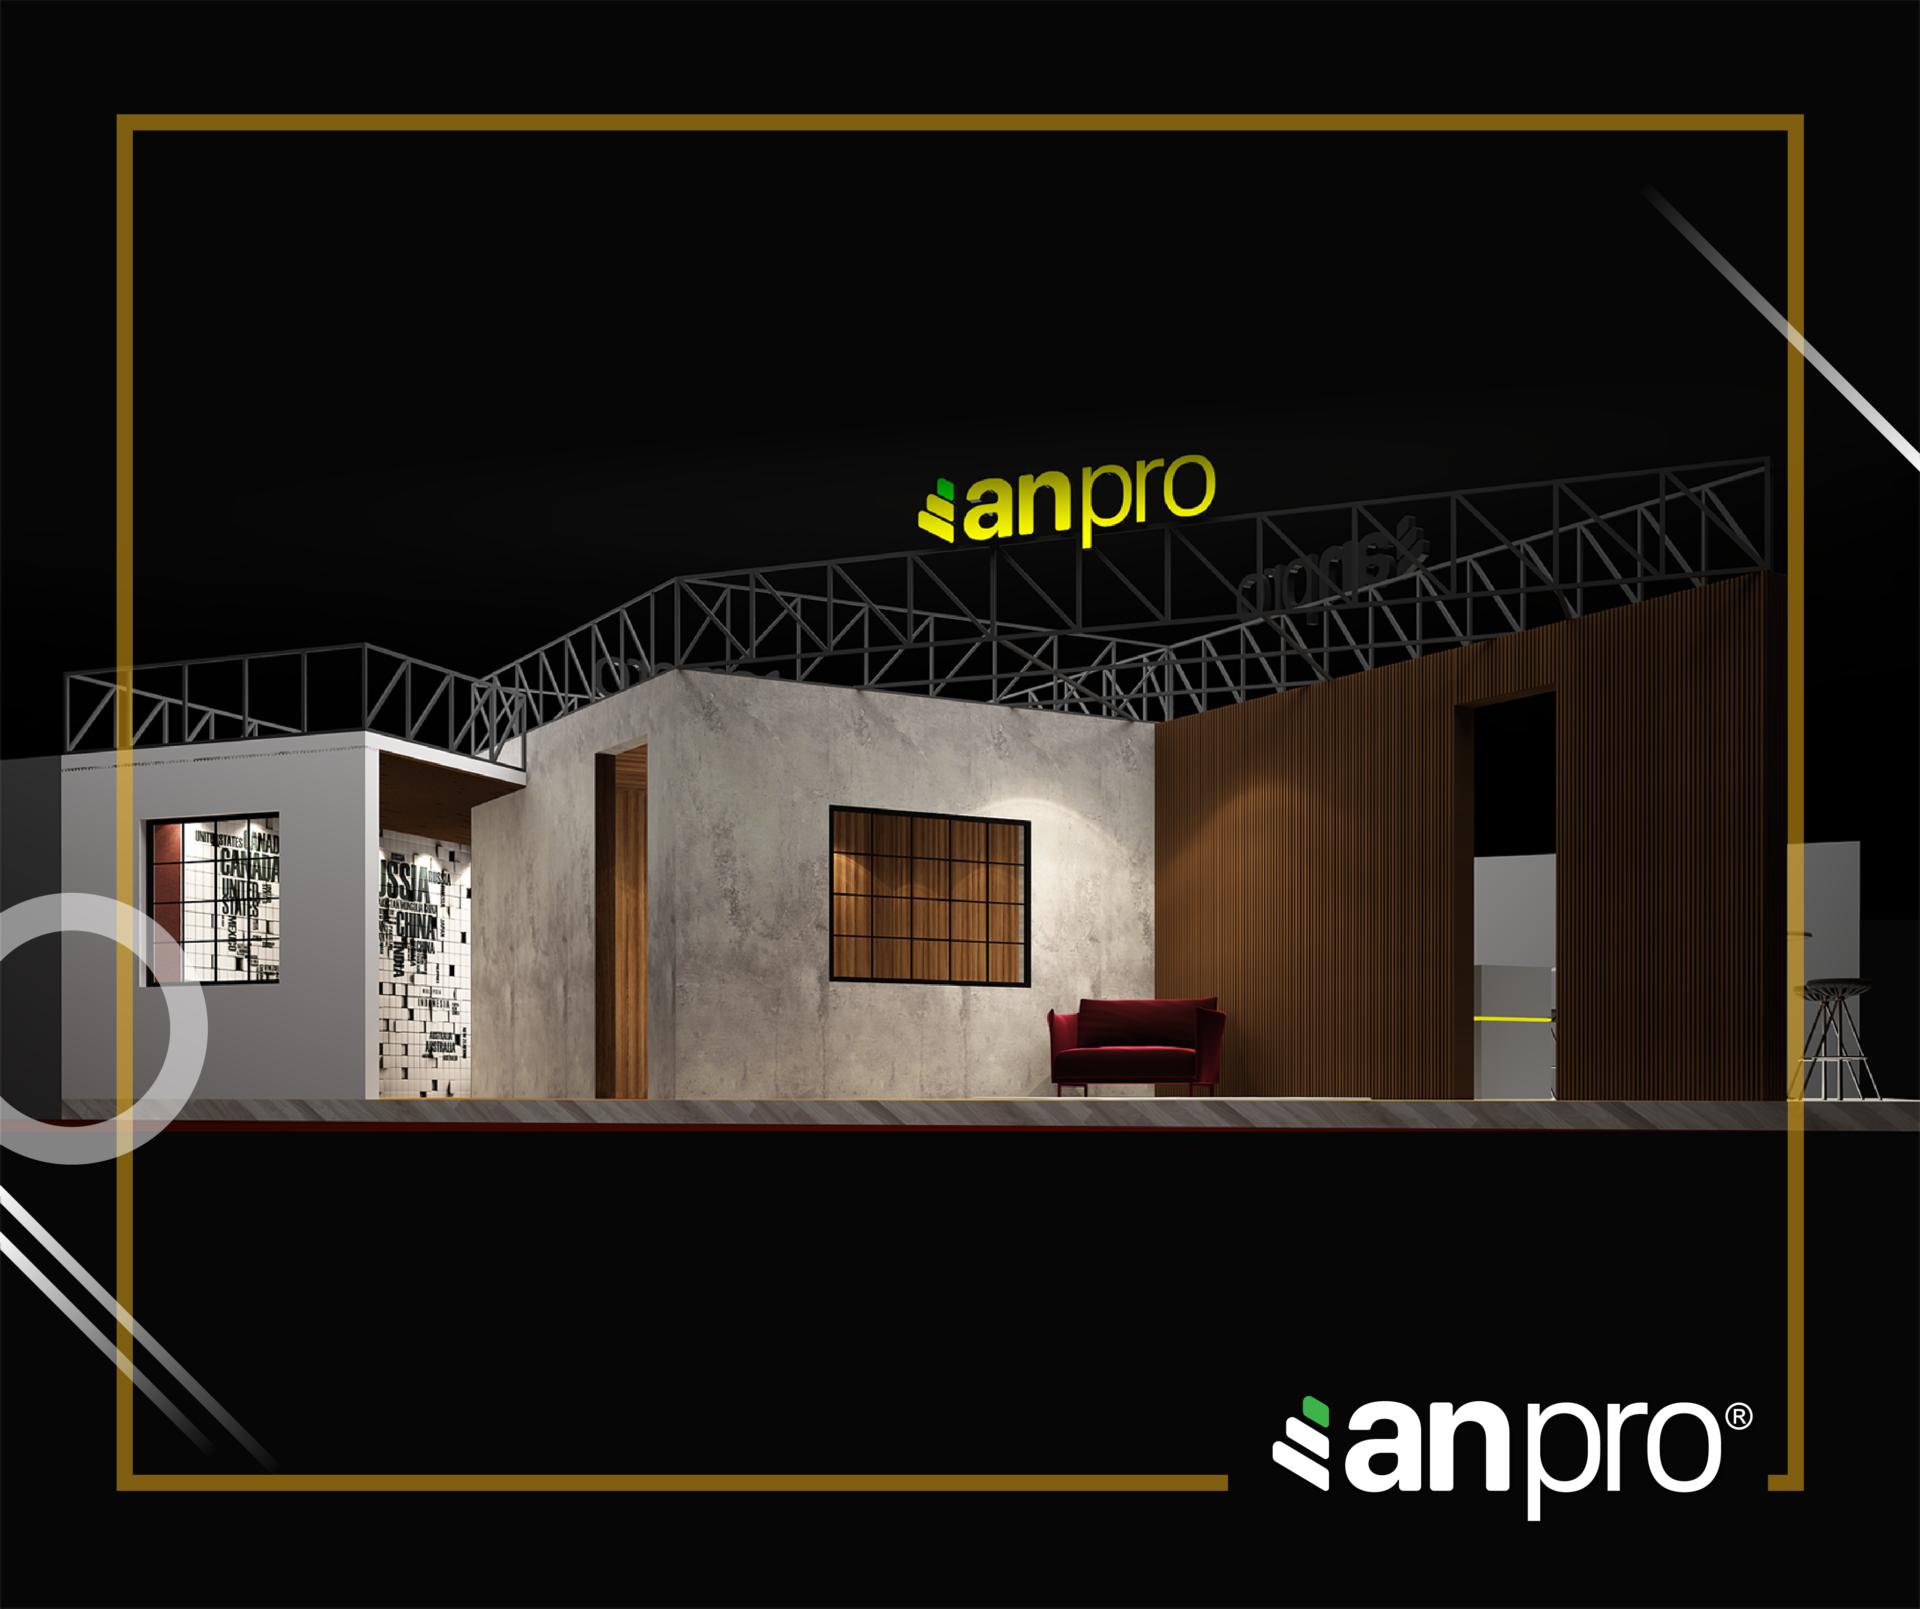 AnPro Vietbuild HCM 1 - TRẢI NGHIỆM KHÔNG GIAN MỞ ĐẦY SÁNG TẠO CỦA ANPRO TẠI VIETBUILD 2019